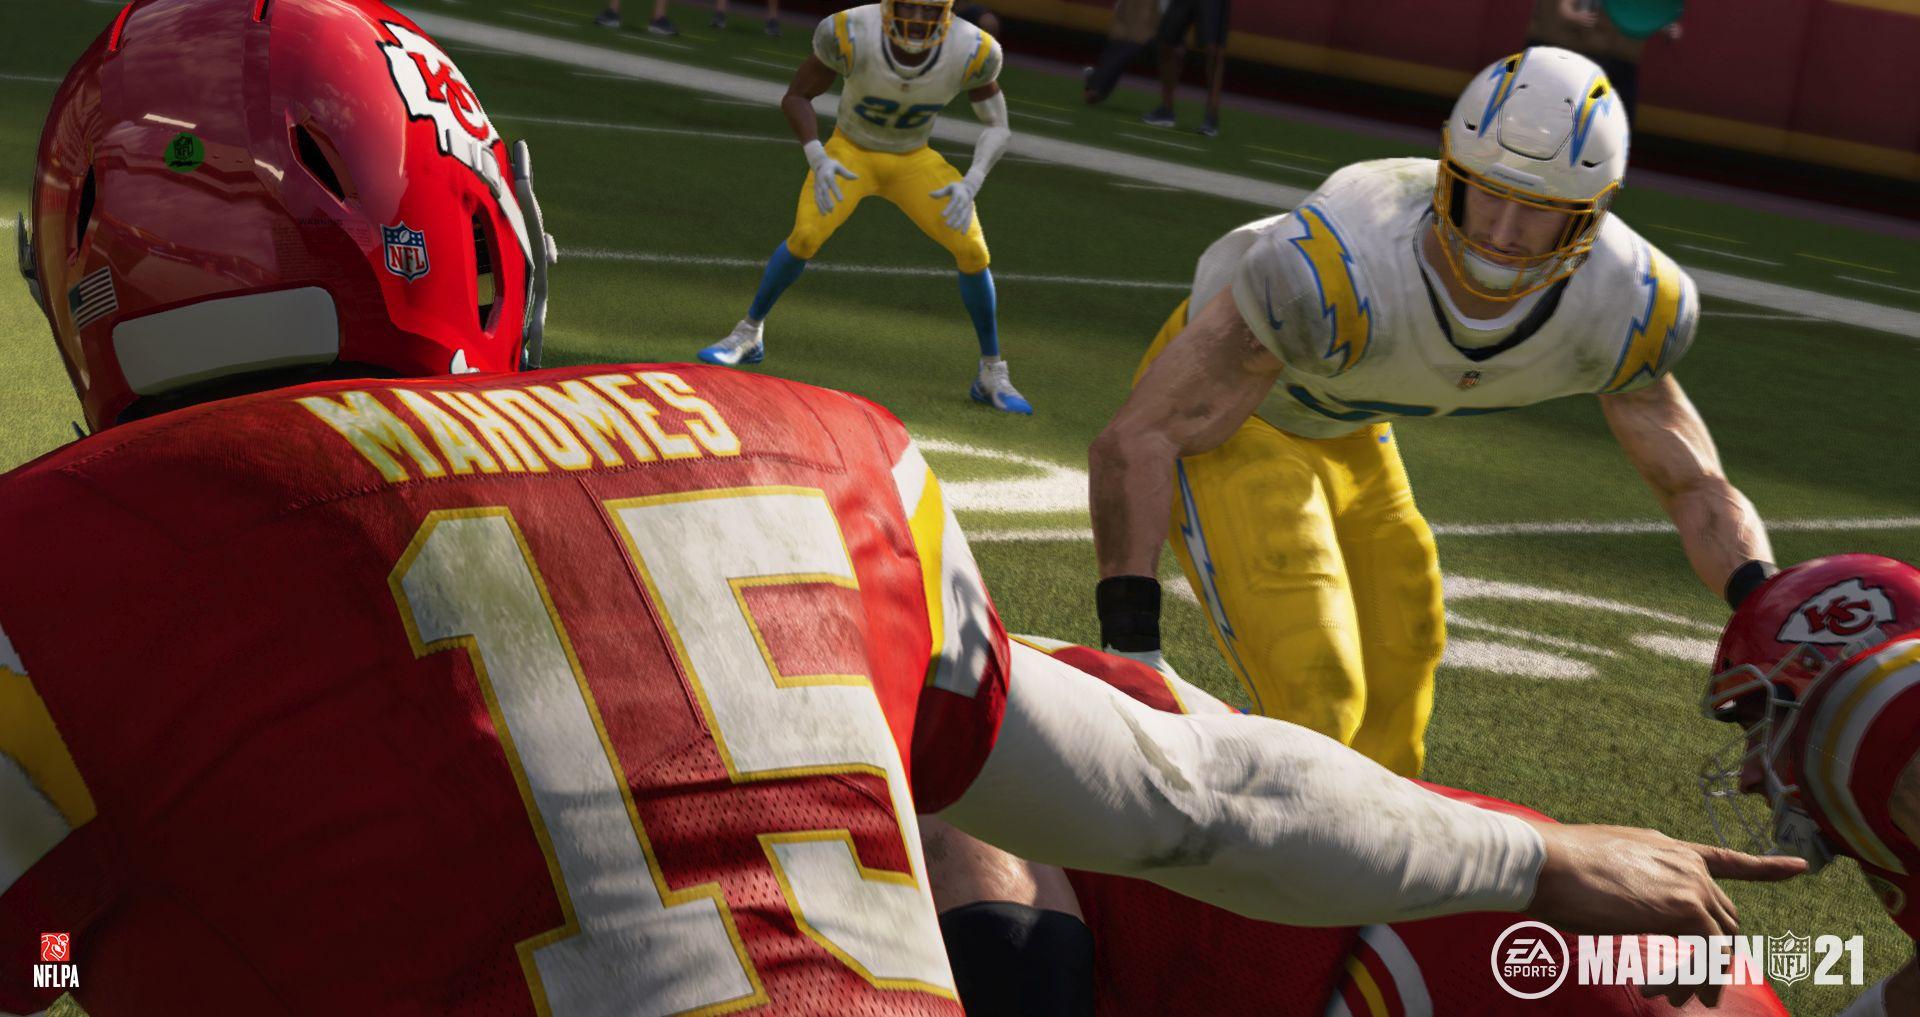 Madden NFL 21_02